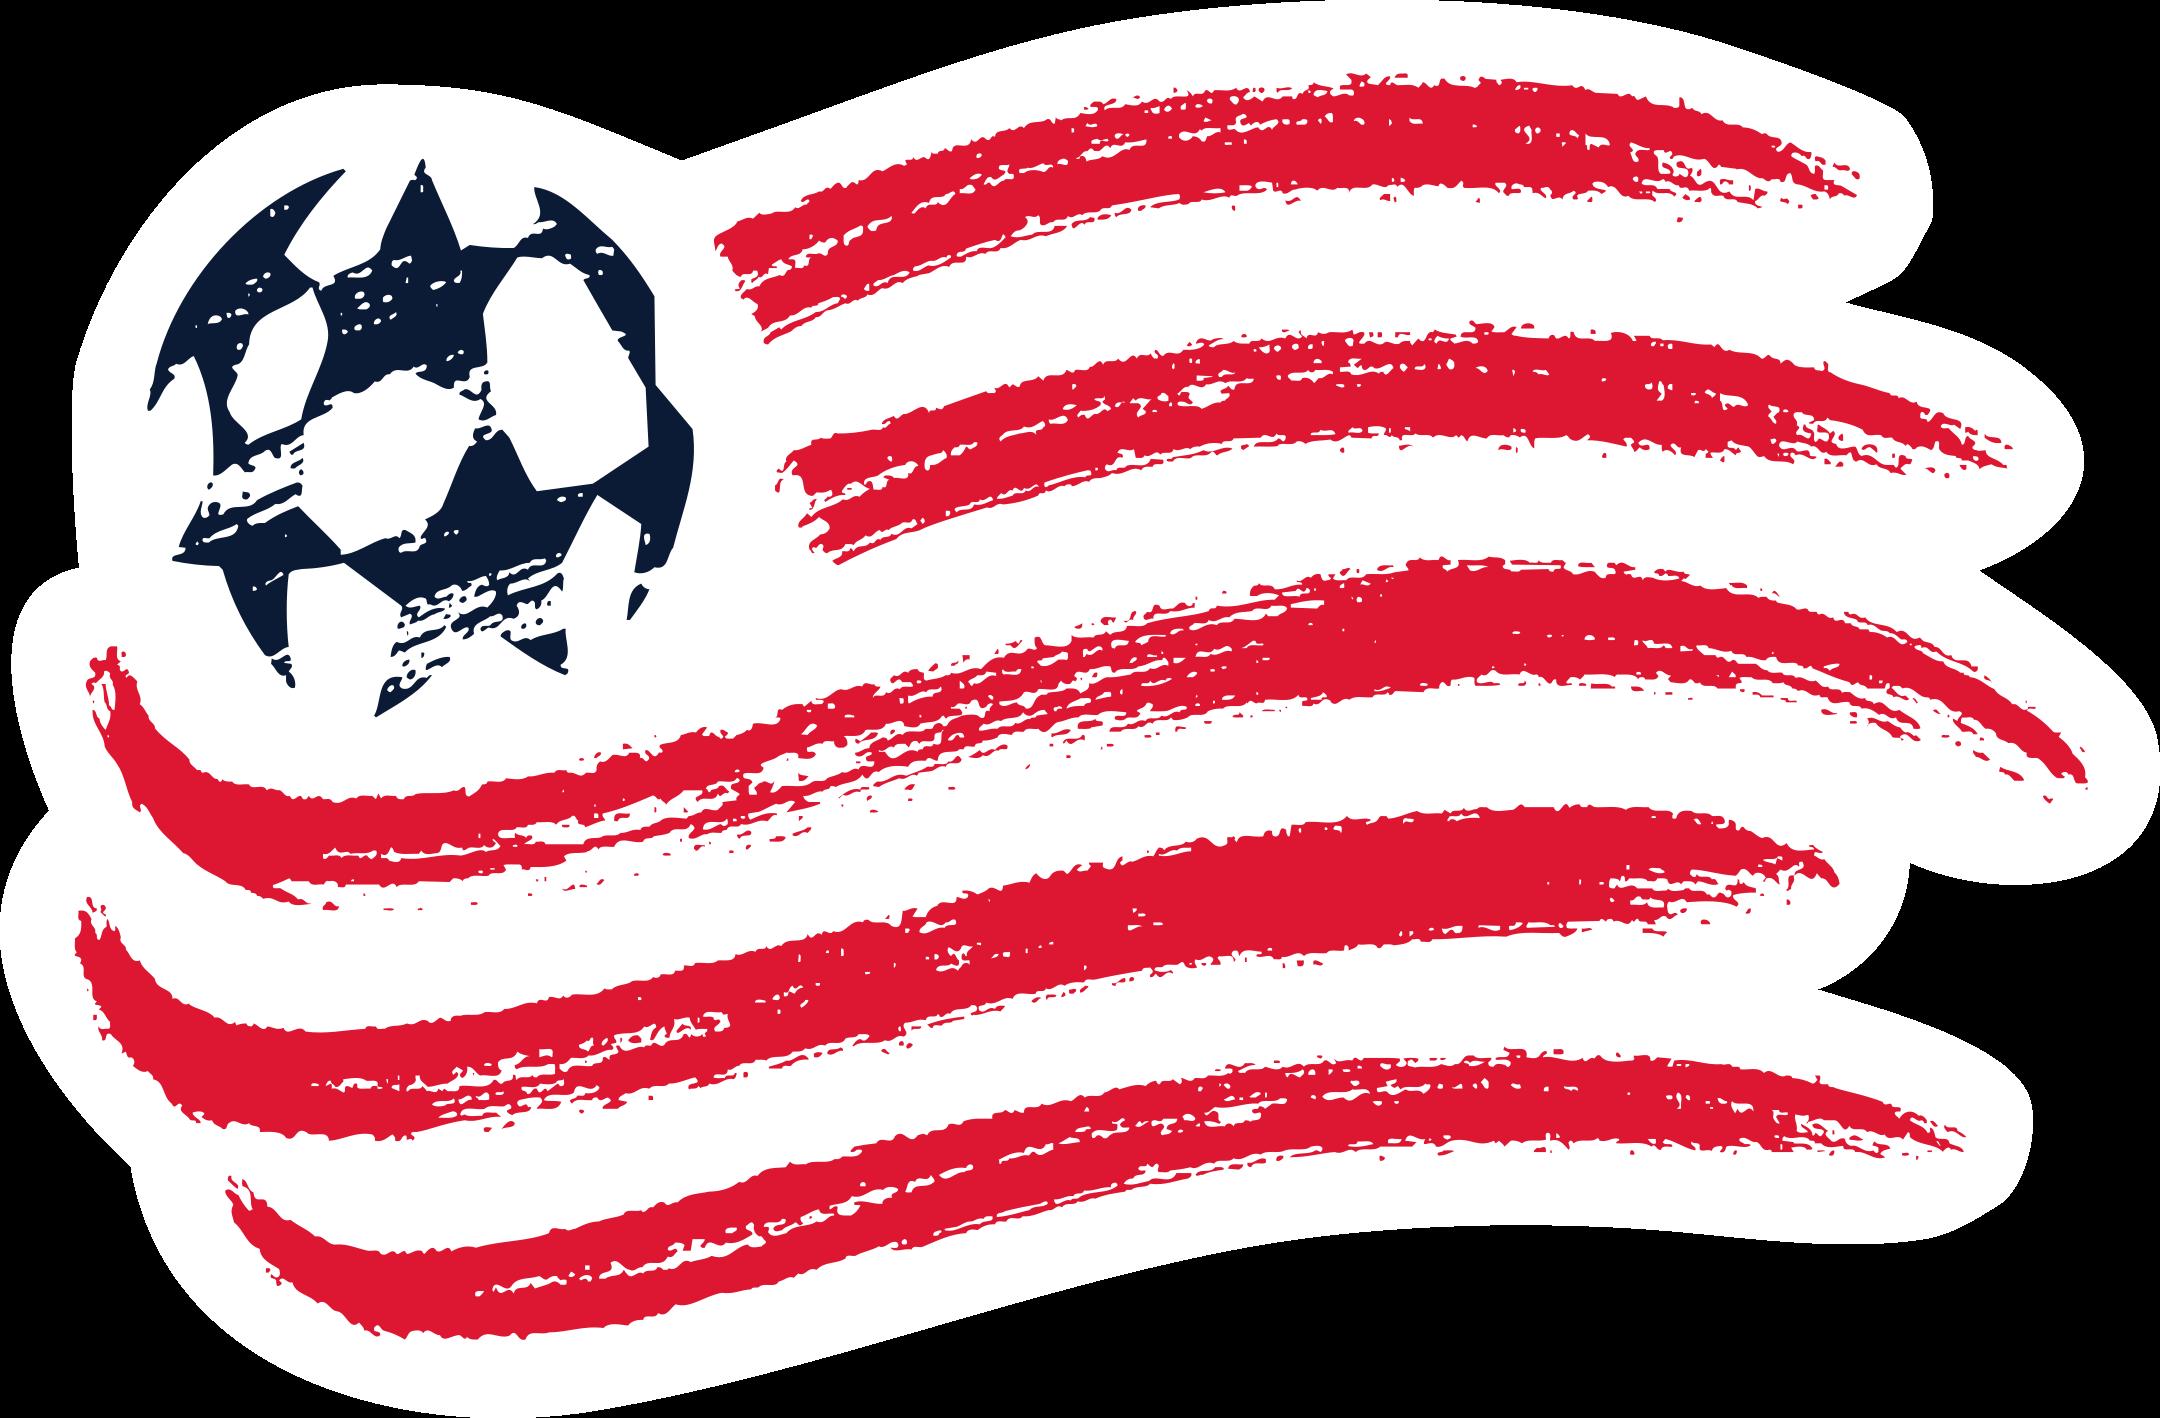 new england revolution logo 1 - New England Revolution Logo